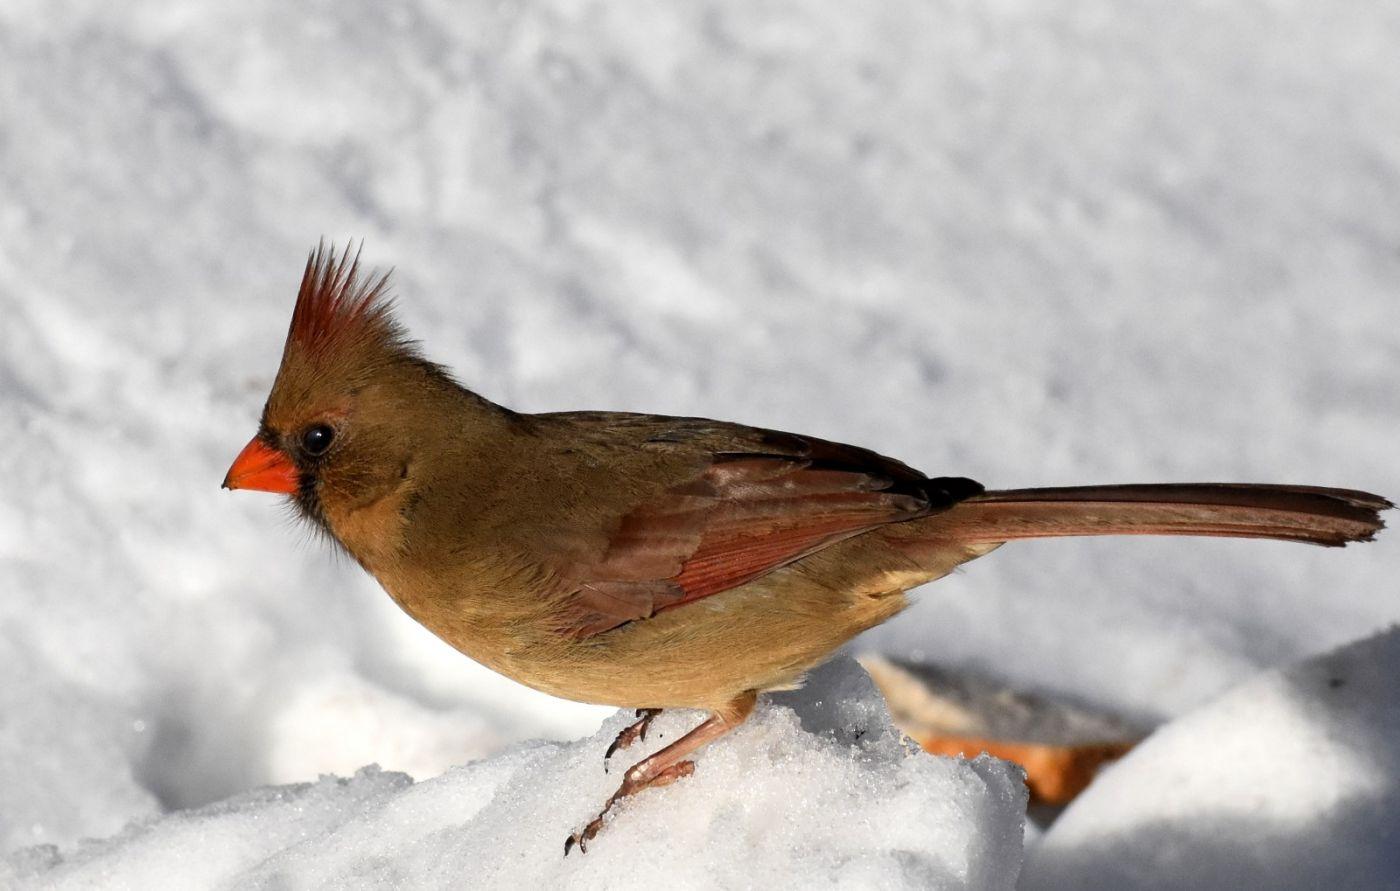 雪后鸟儿忙觅食_图1-2